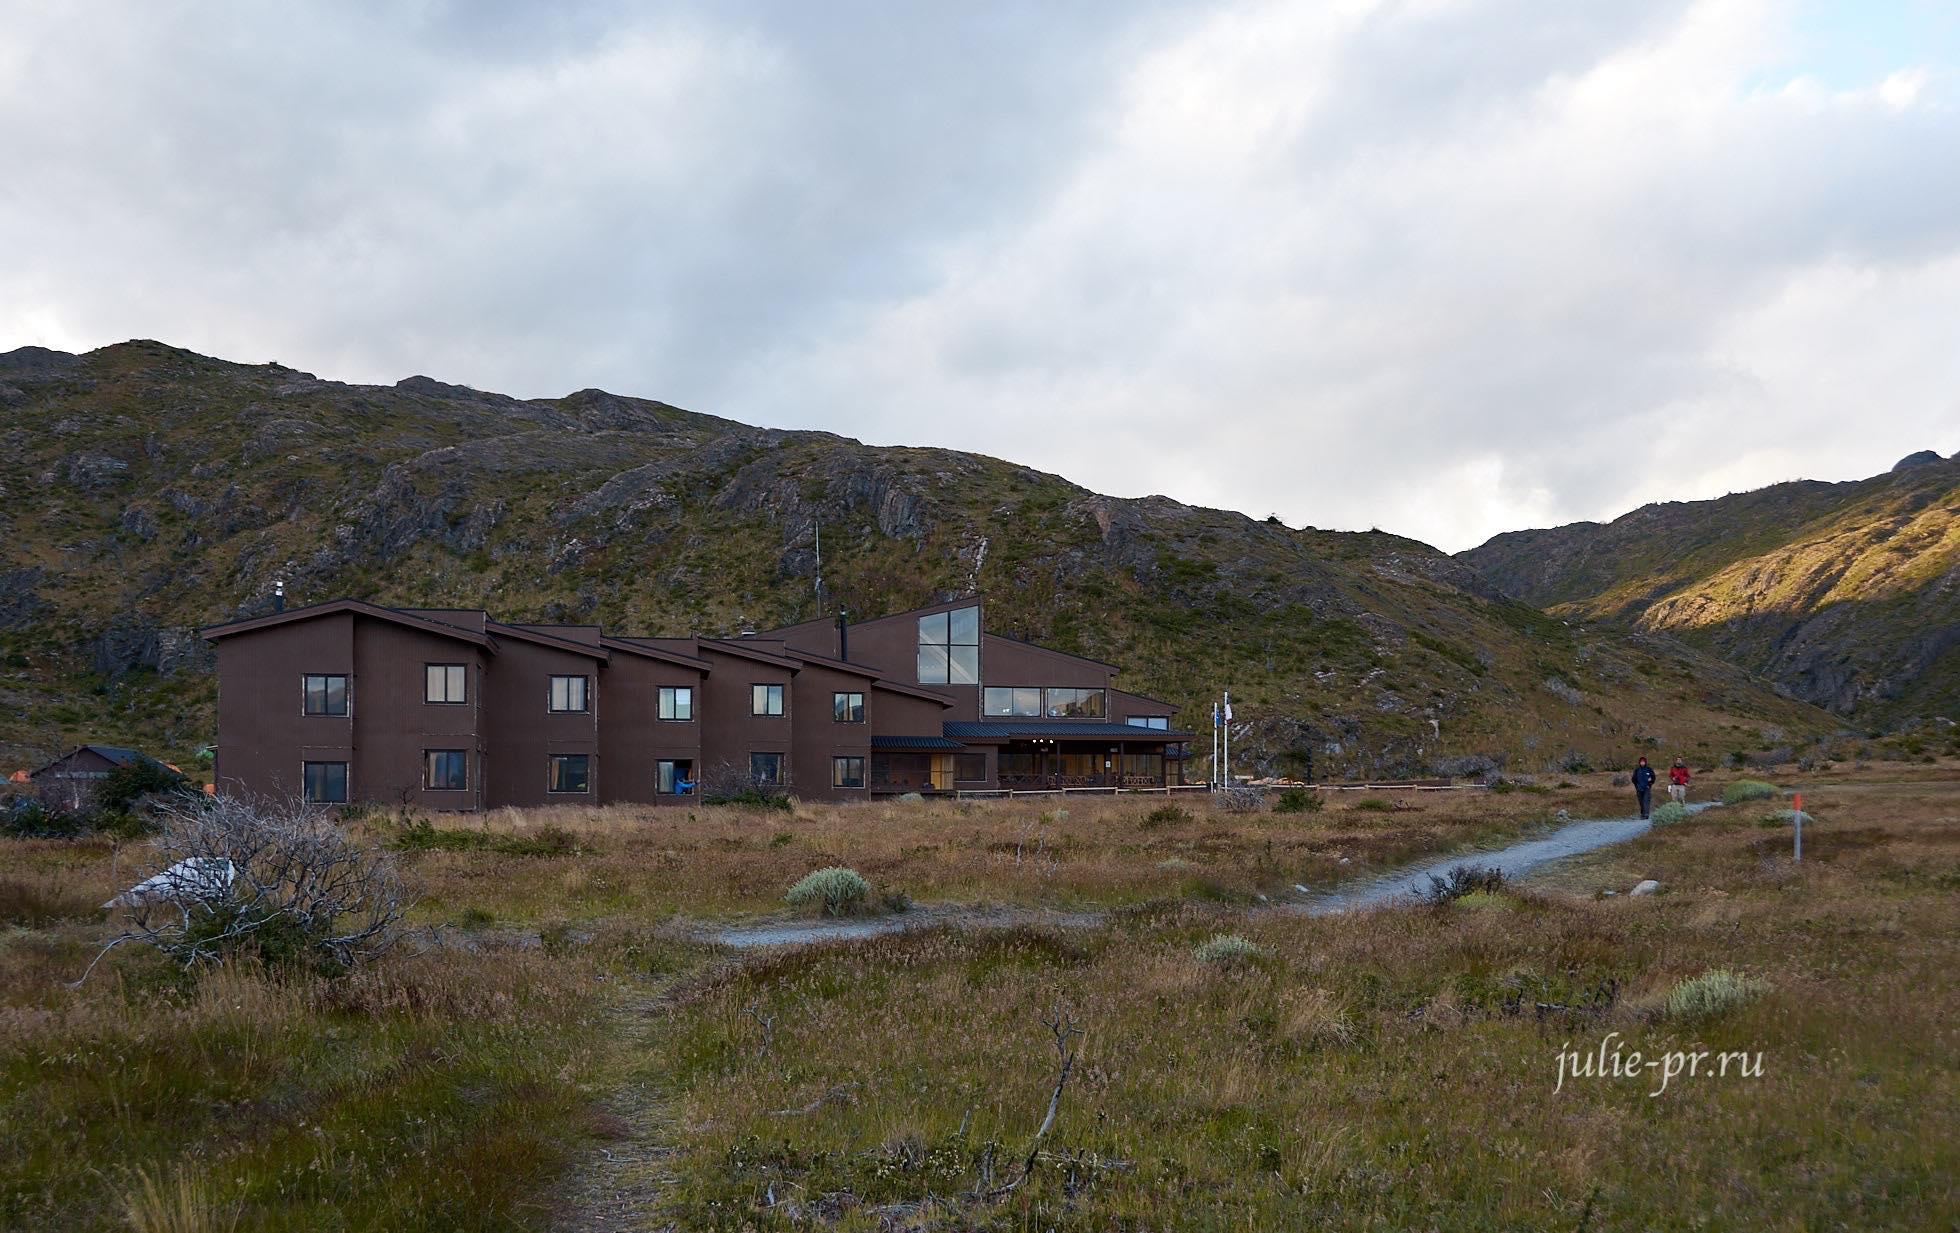 Чили, Патагония, Торрес-дель-Пайне, лагерь Пайне-Гранде